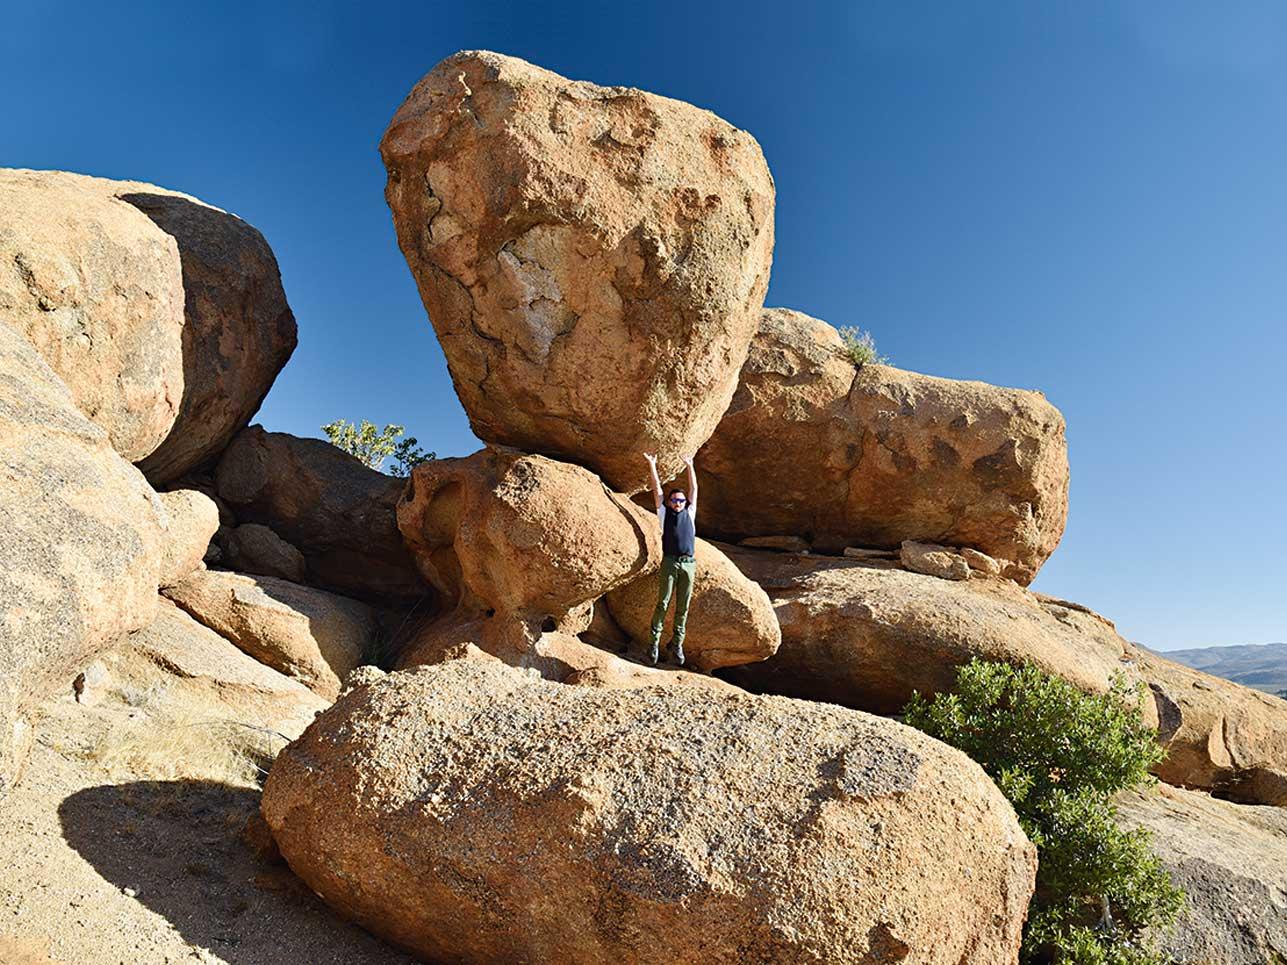 Am Fuße massiver Granitfelsen liegt die bezaubernd schöne Landschaft des Erongo.